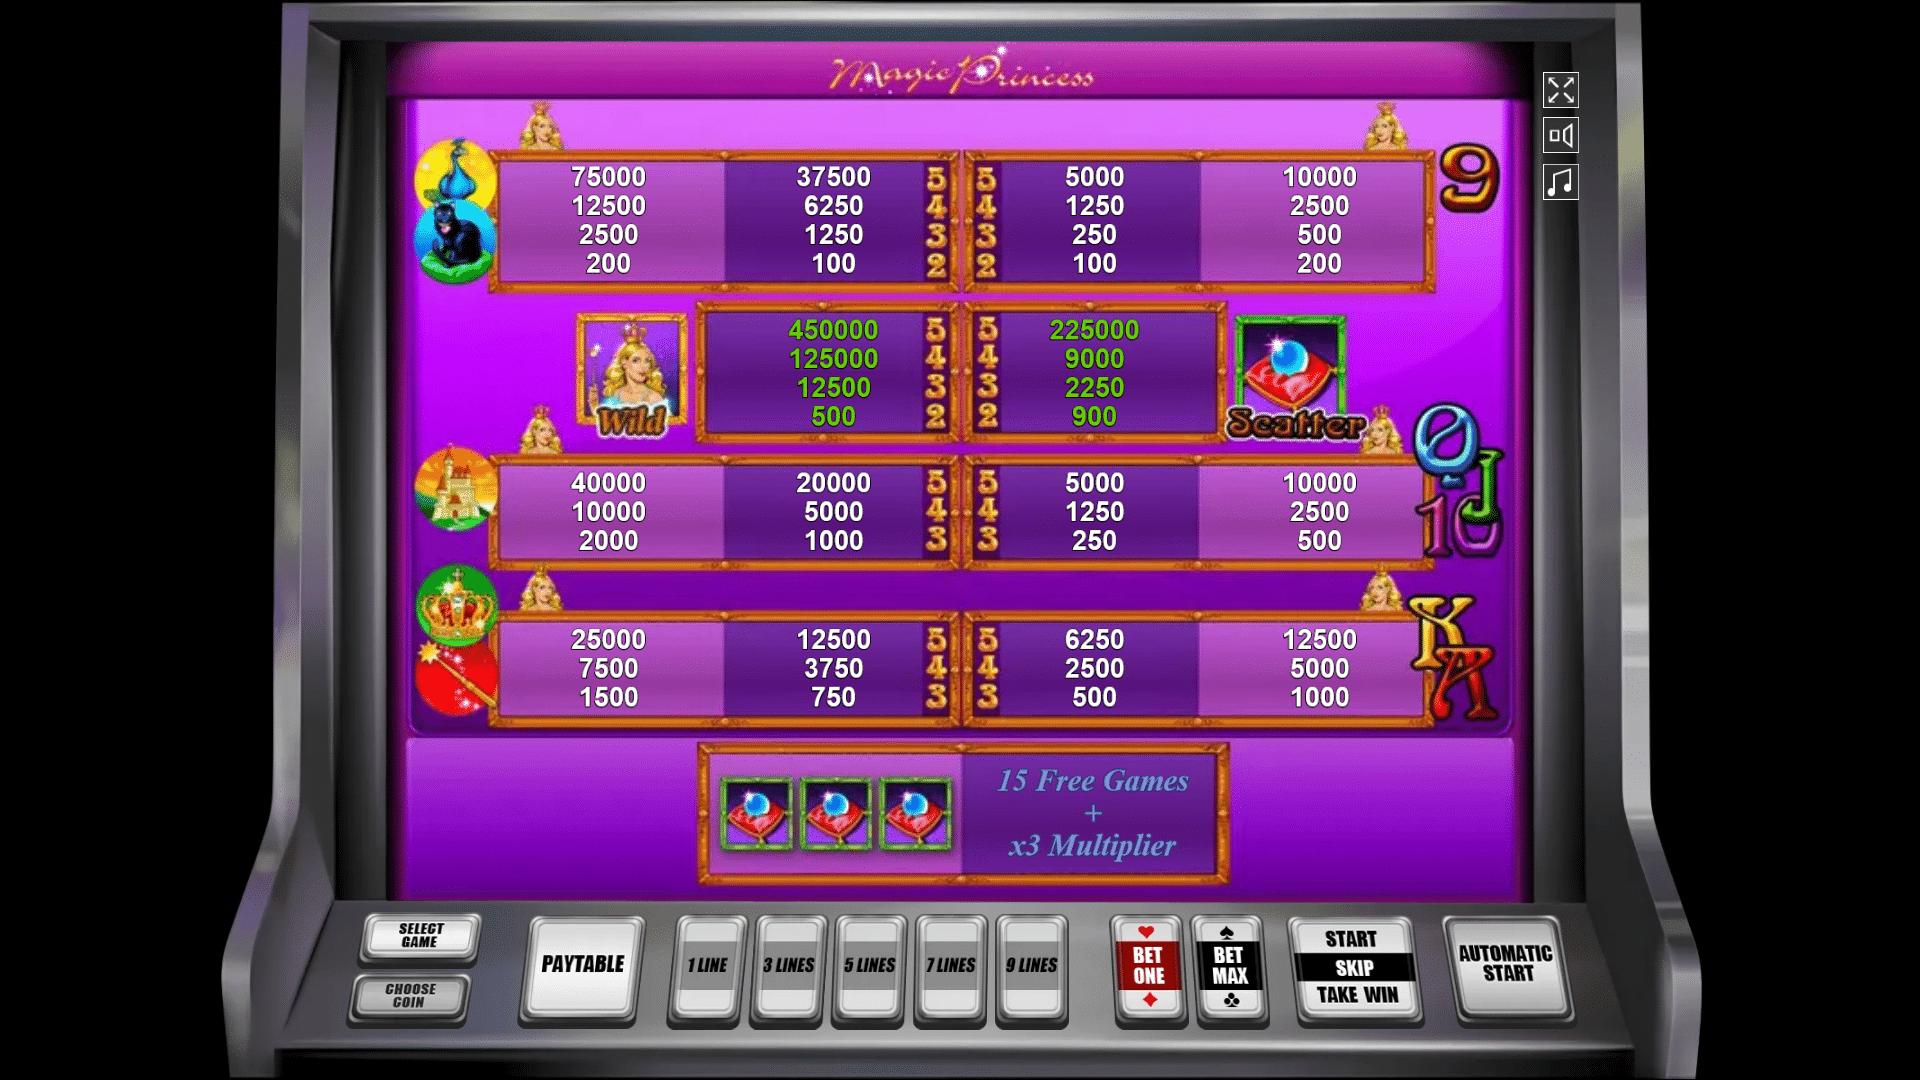 Tabella dei Pagamenti della Slot gratis Magic Princess